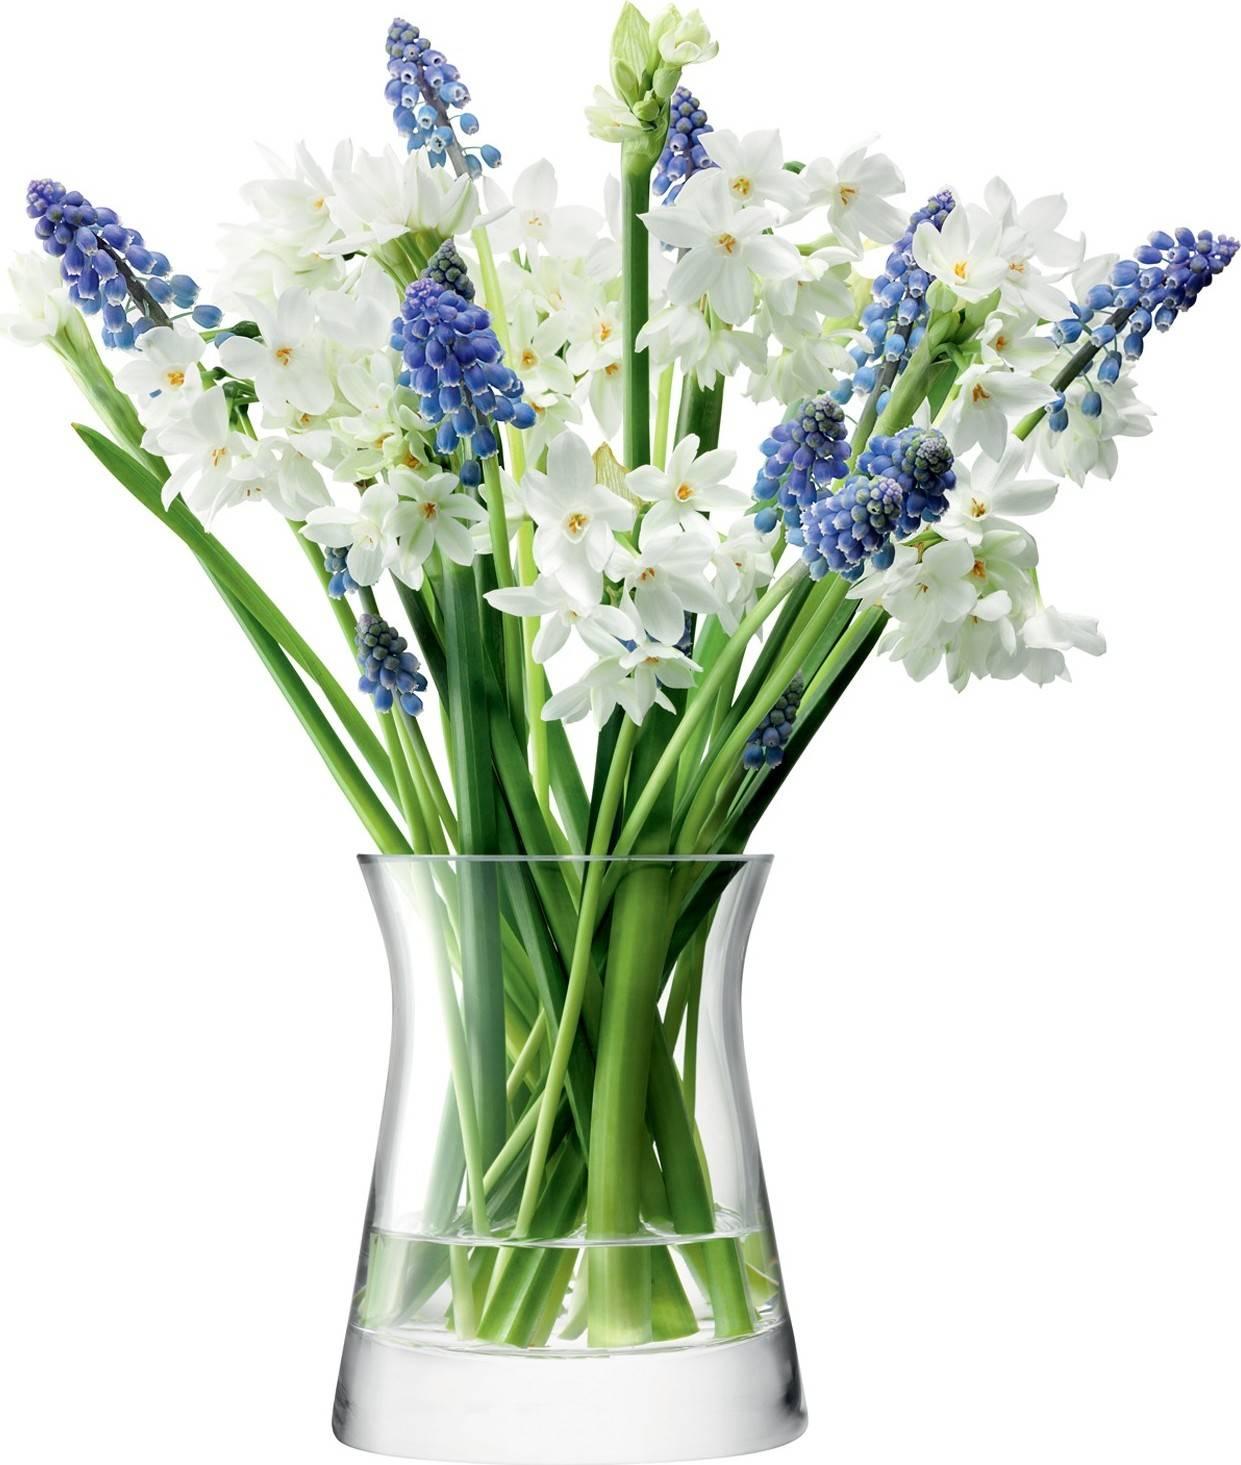 Flower Garden Posy skleněná váza v.13cm čirá, LSA, Handmade G602-13-301 LSA International